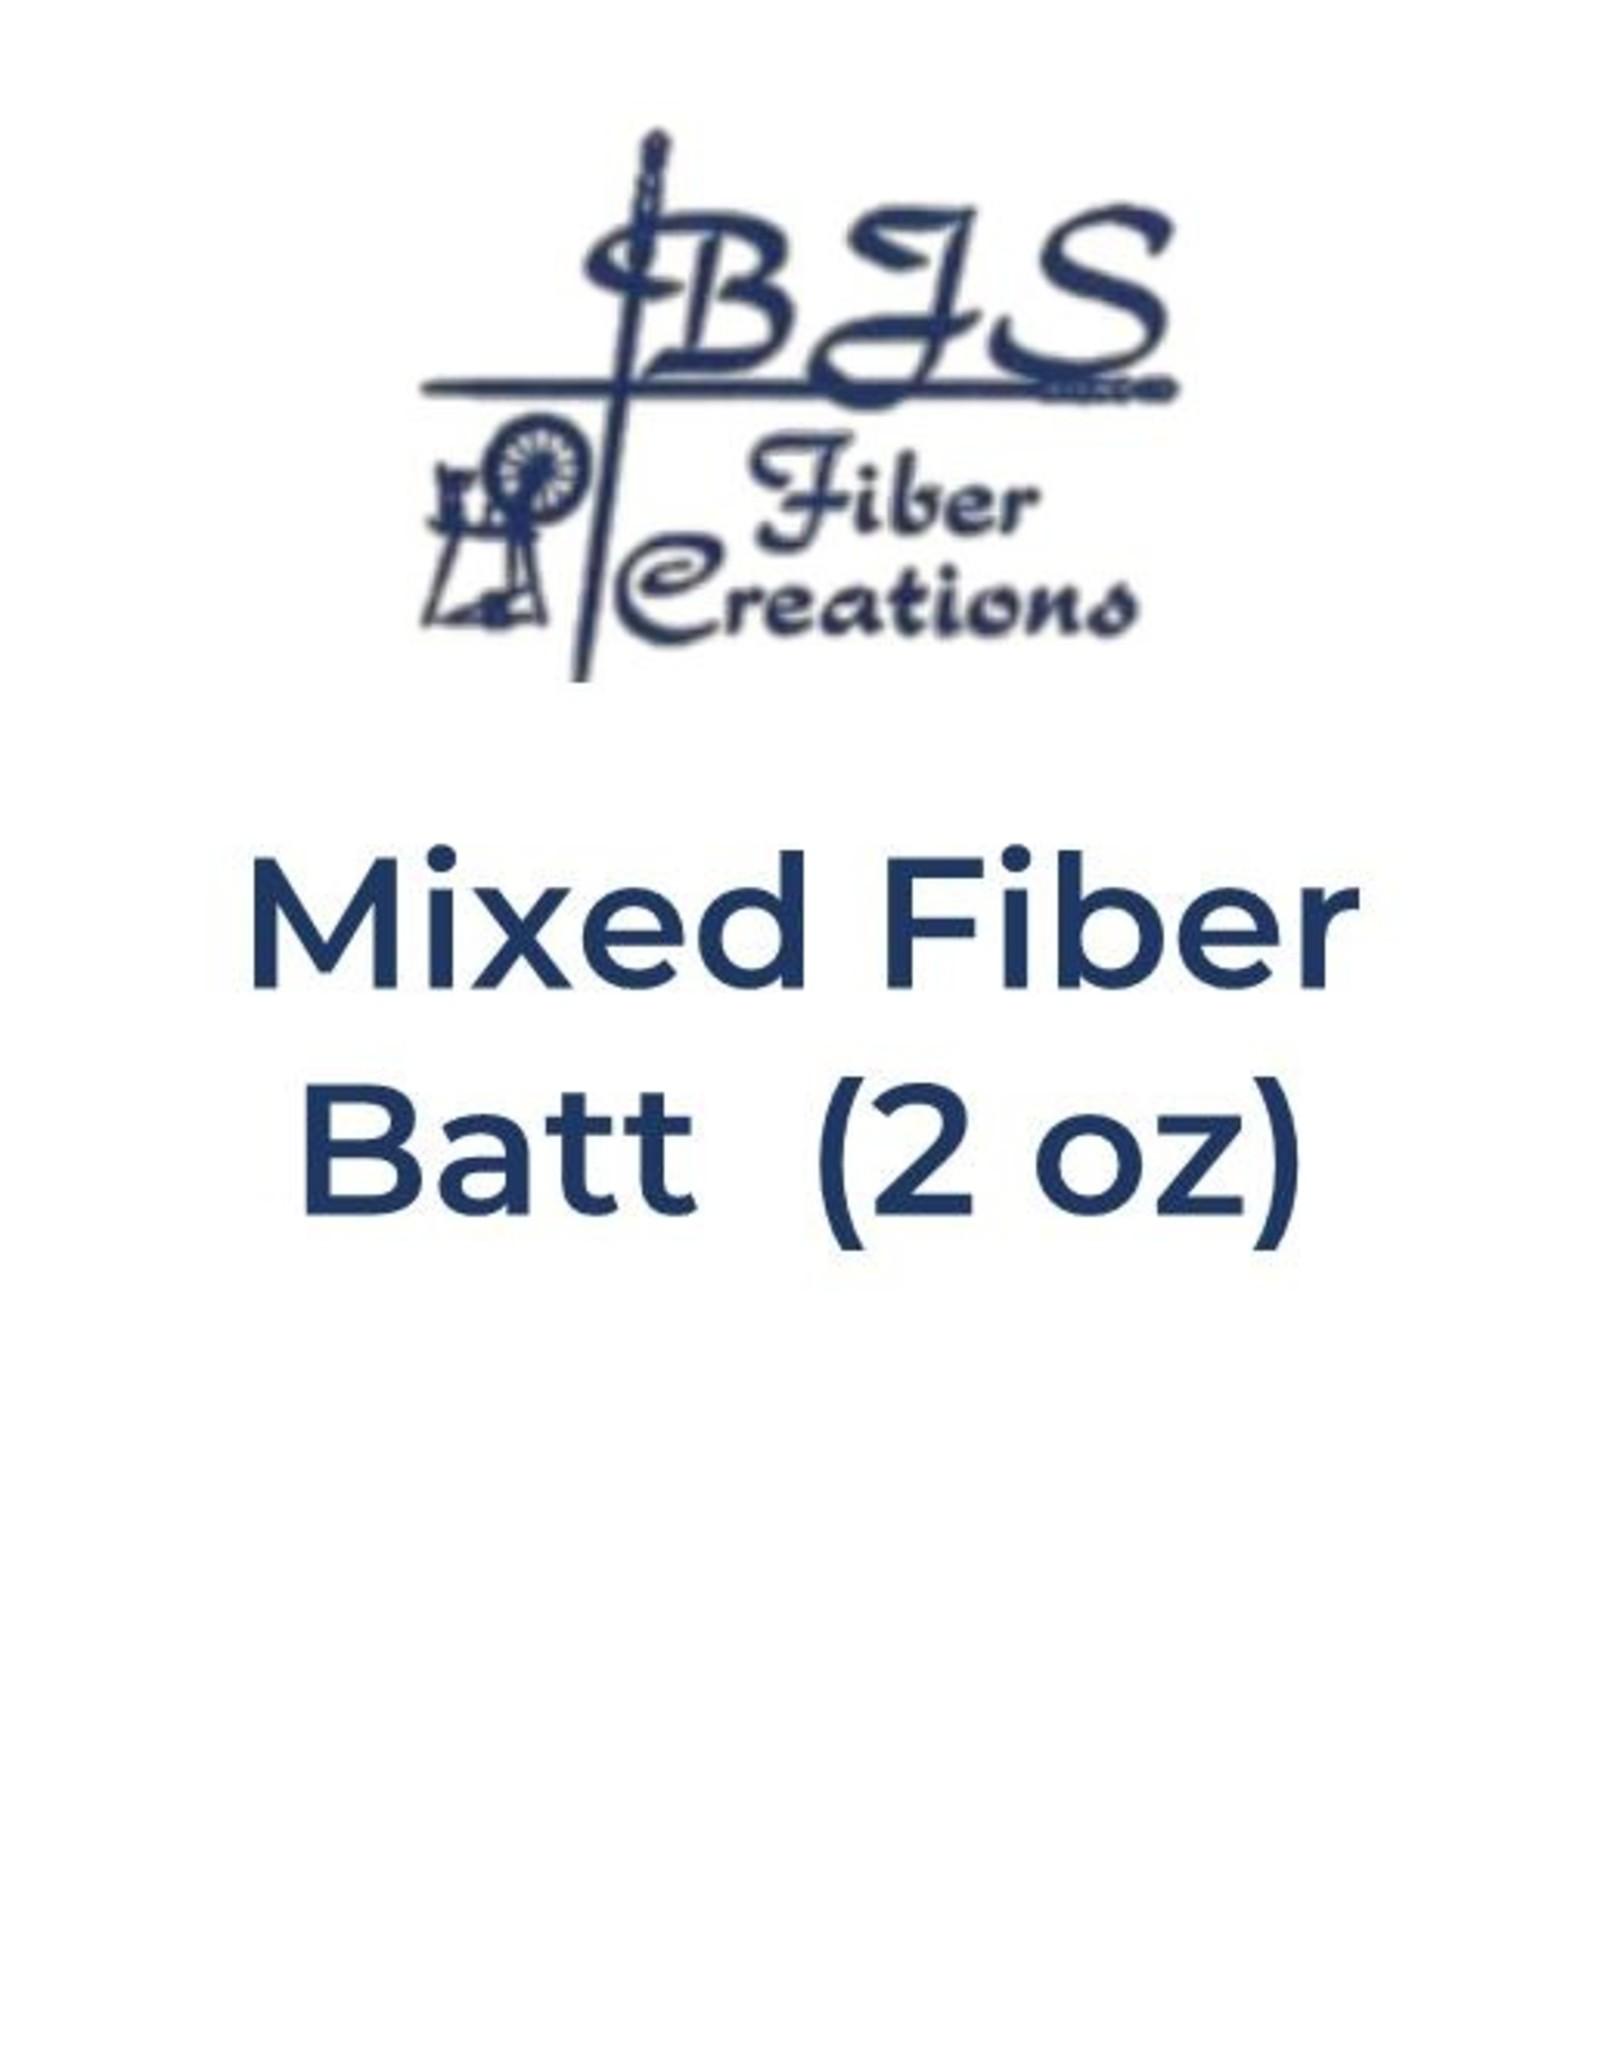 BJS Trunk Show Mixed Fiber Batts (2 oz) BATT #15